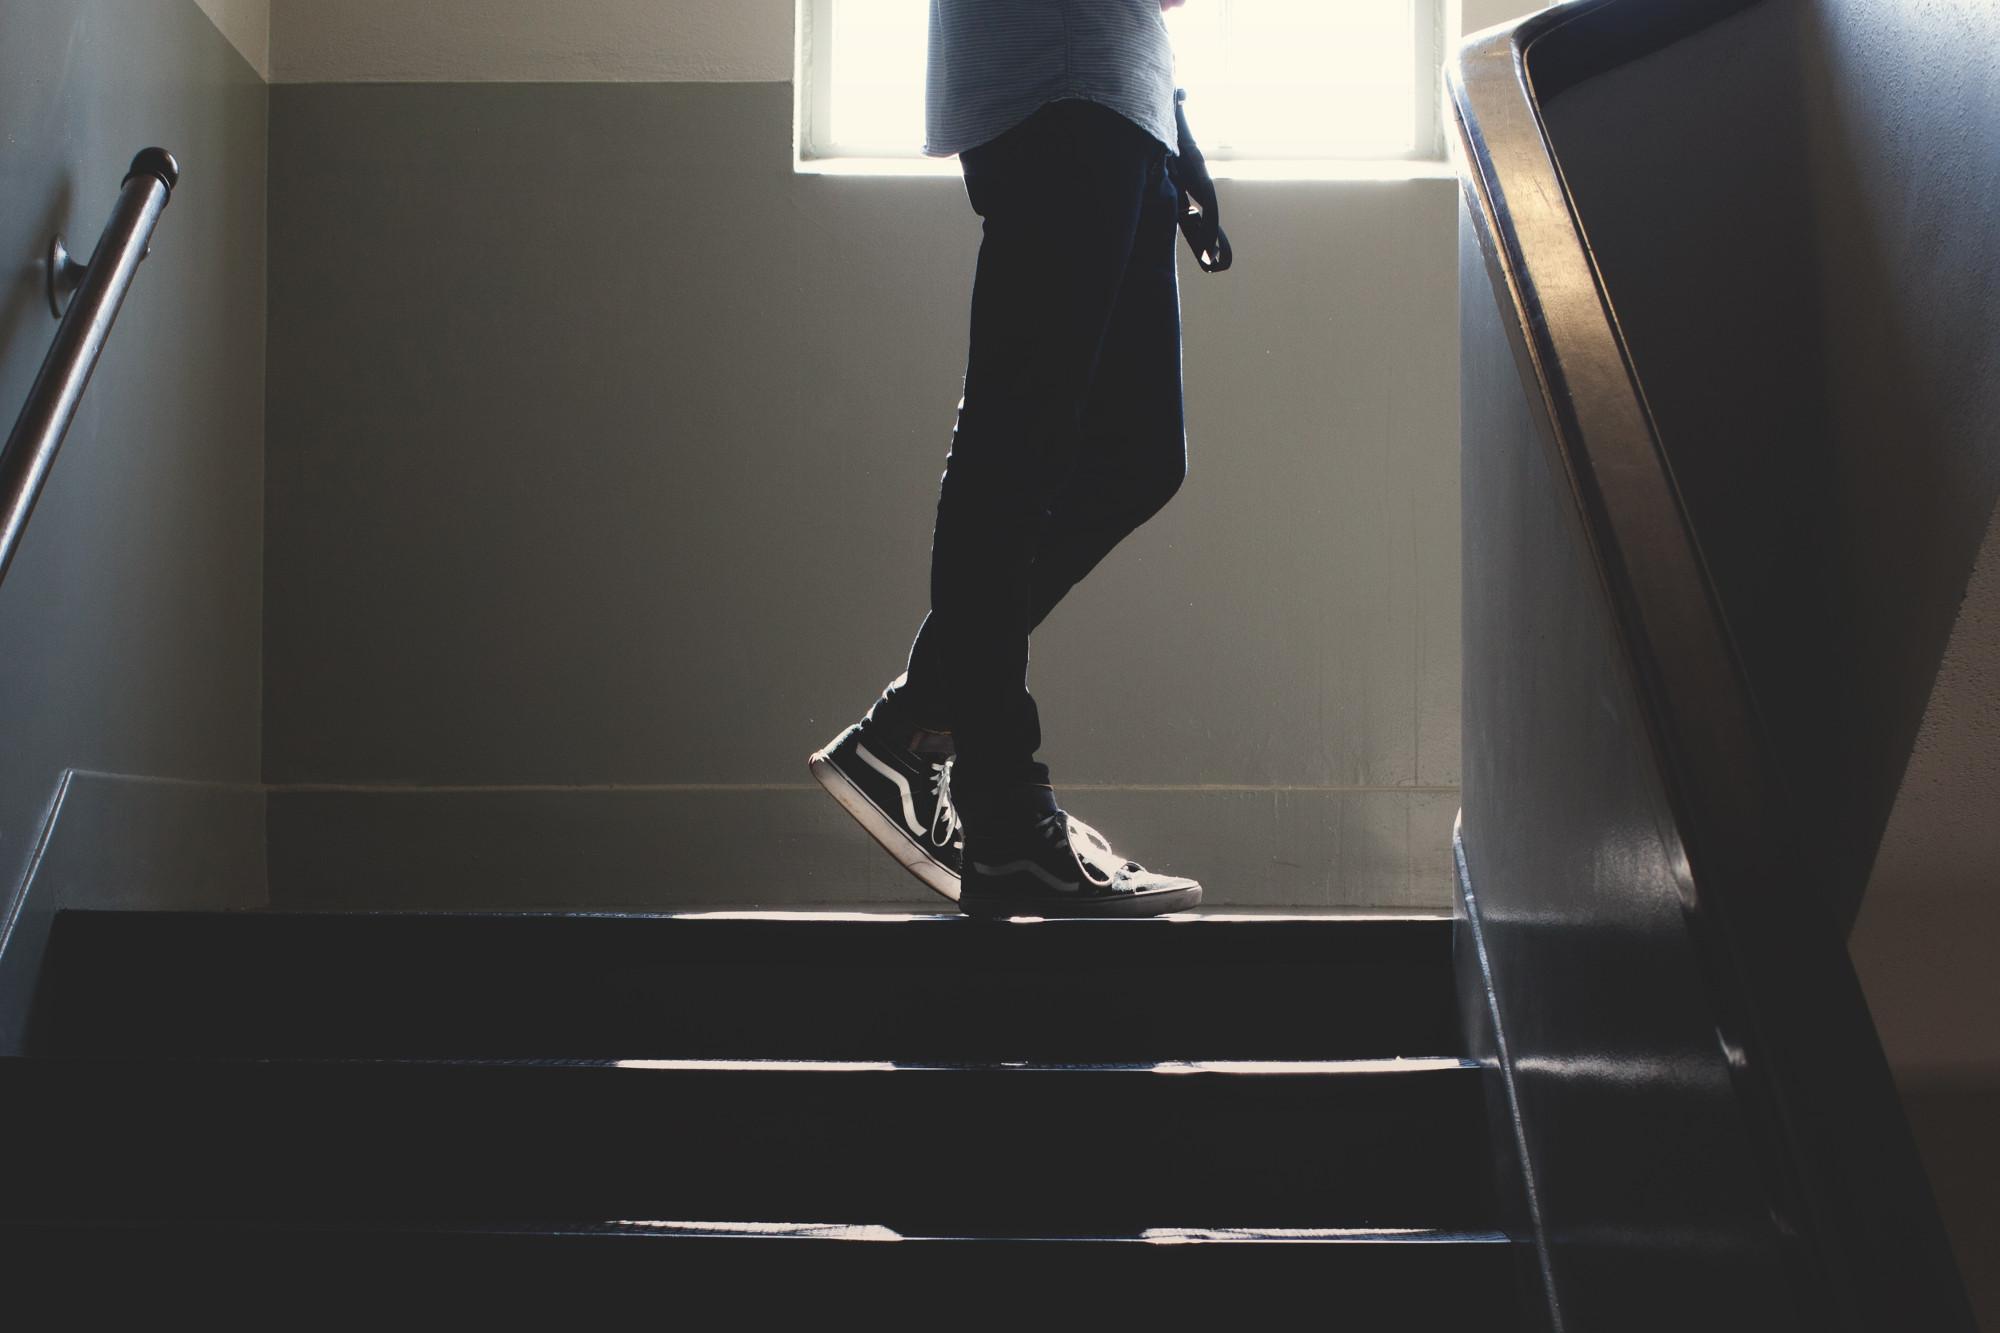 Μεγάλη έρευνα δείχνει ότι ο τρόπος ζωής σχετίζεται με την κατάθλιψη στην Π.Σ.